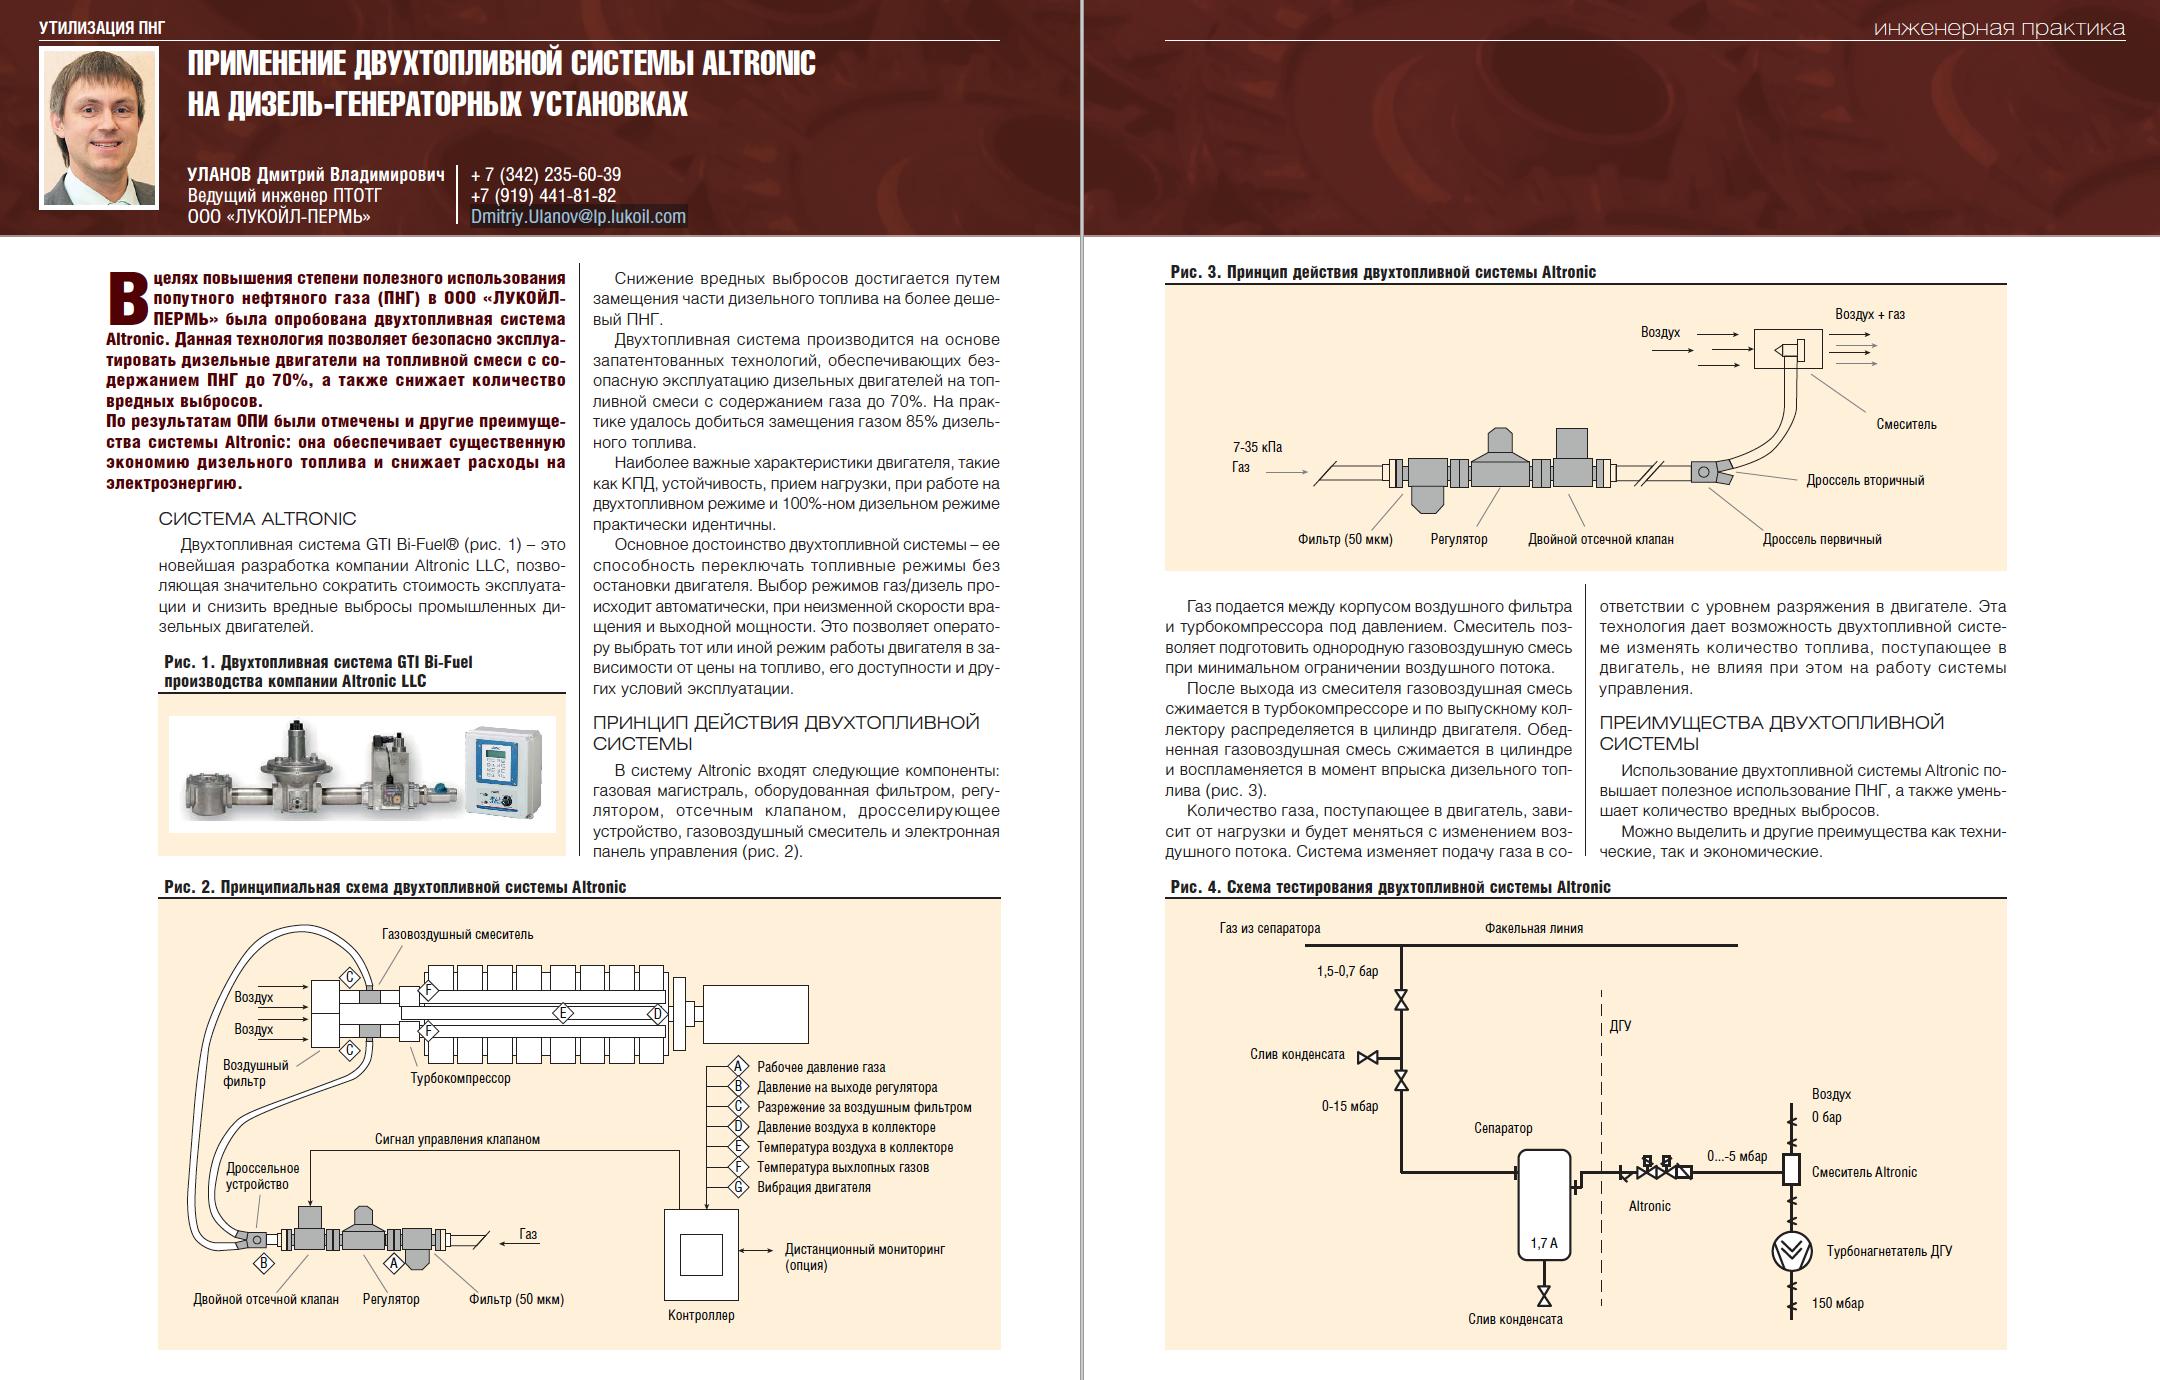 34464 Применение двухтопливной системы Altronic на дизель-генераторных установках